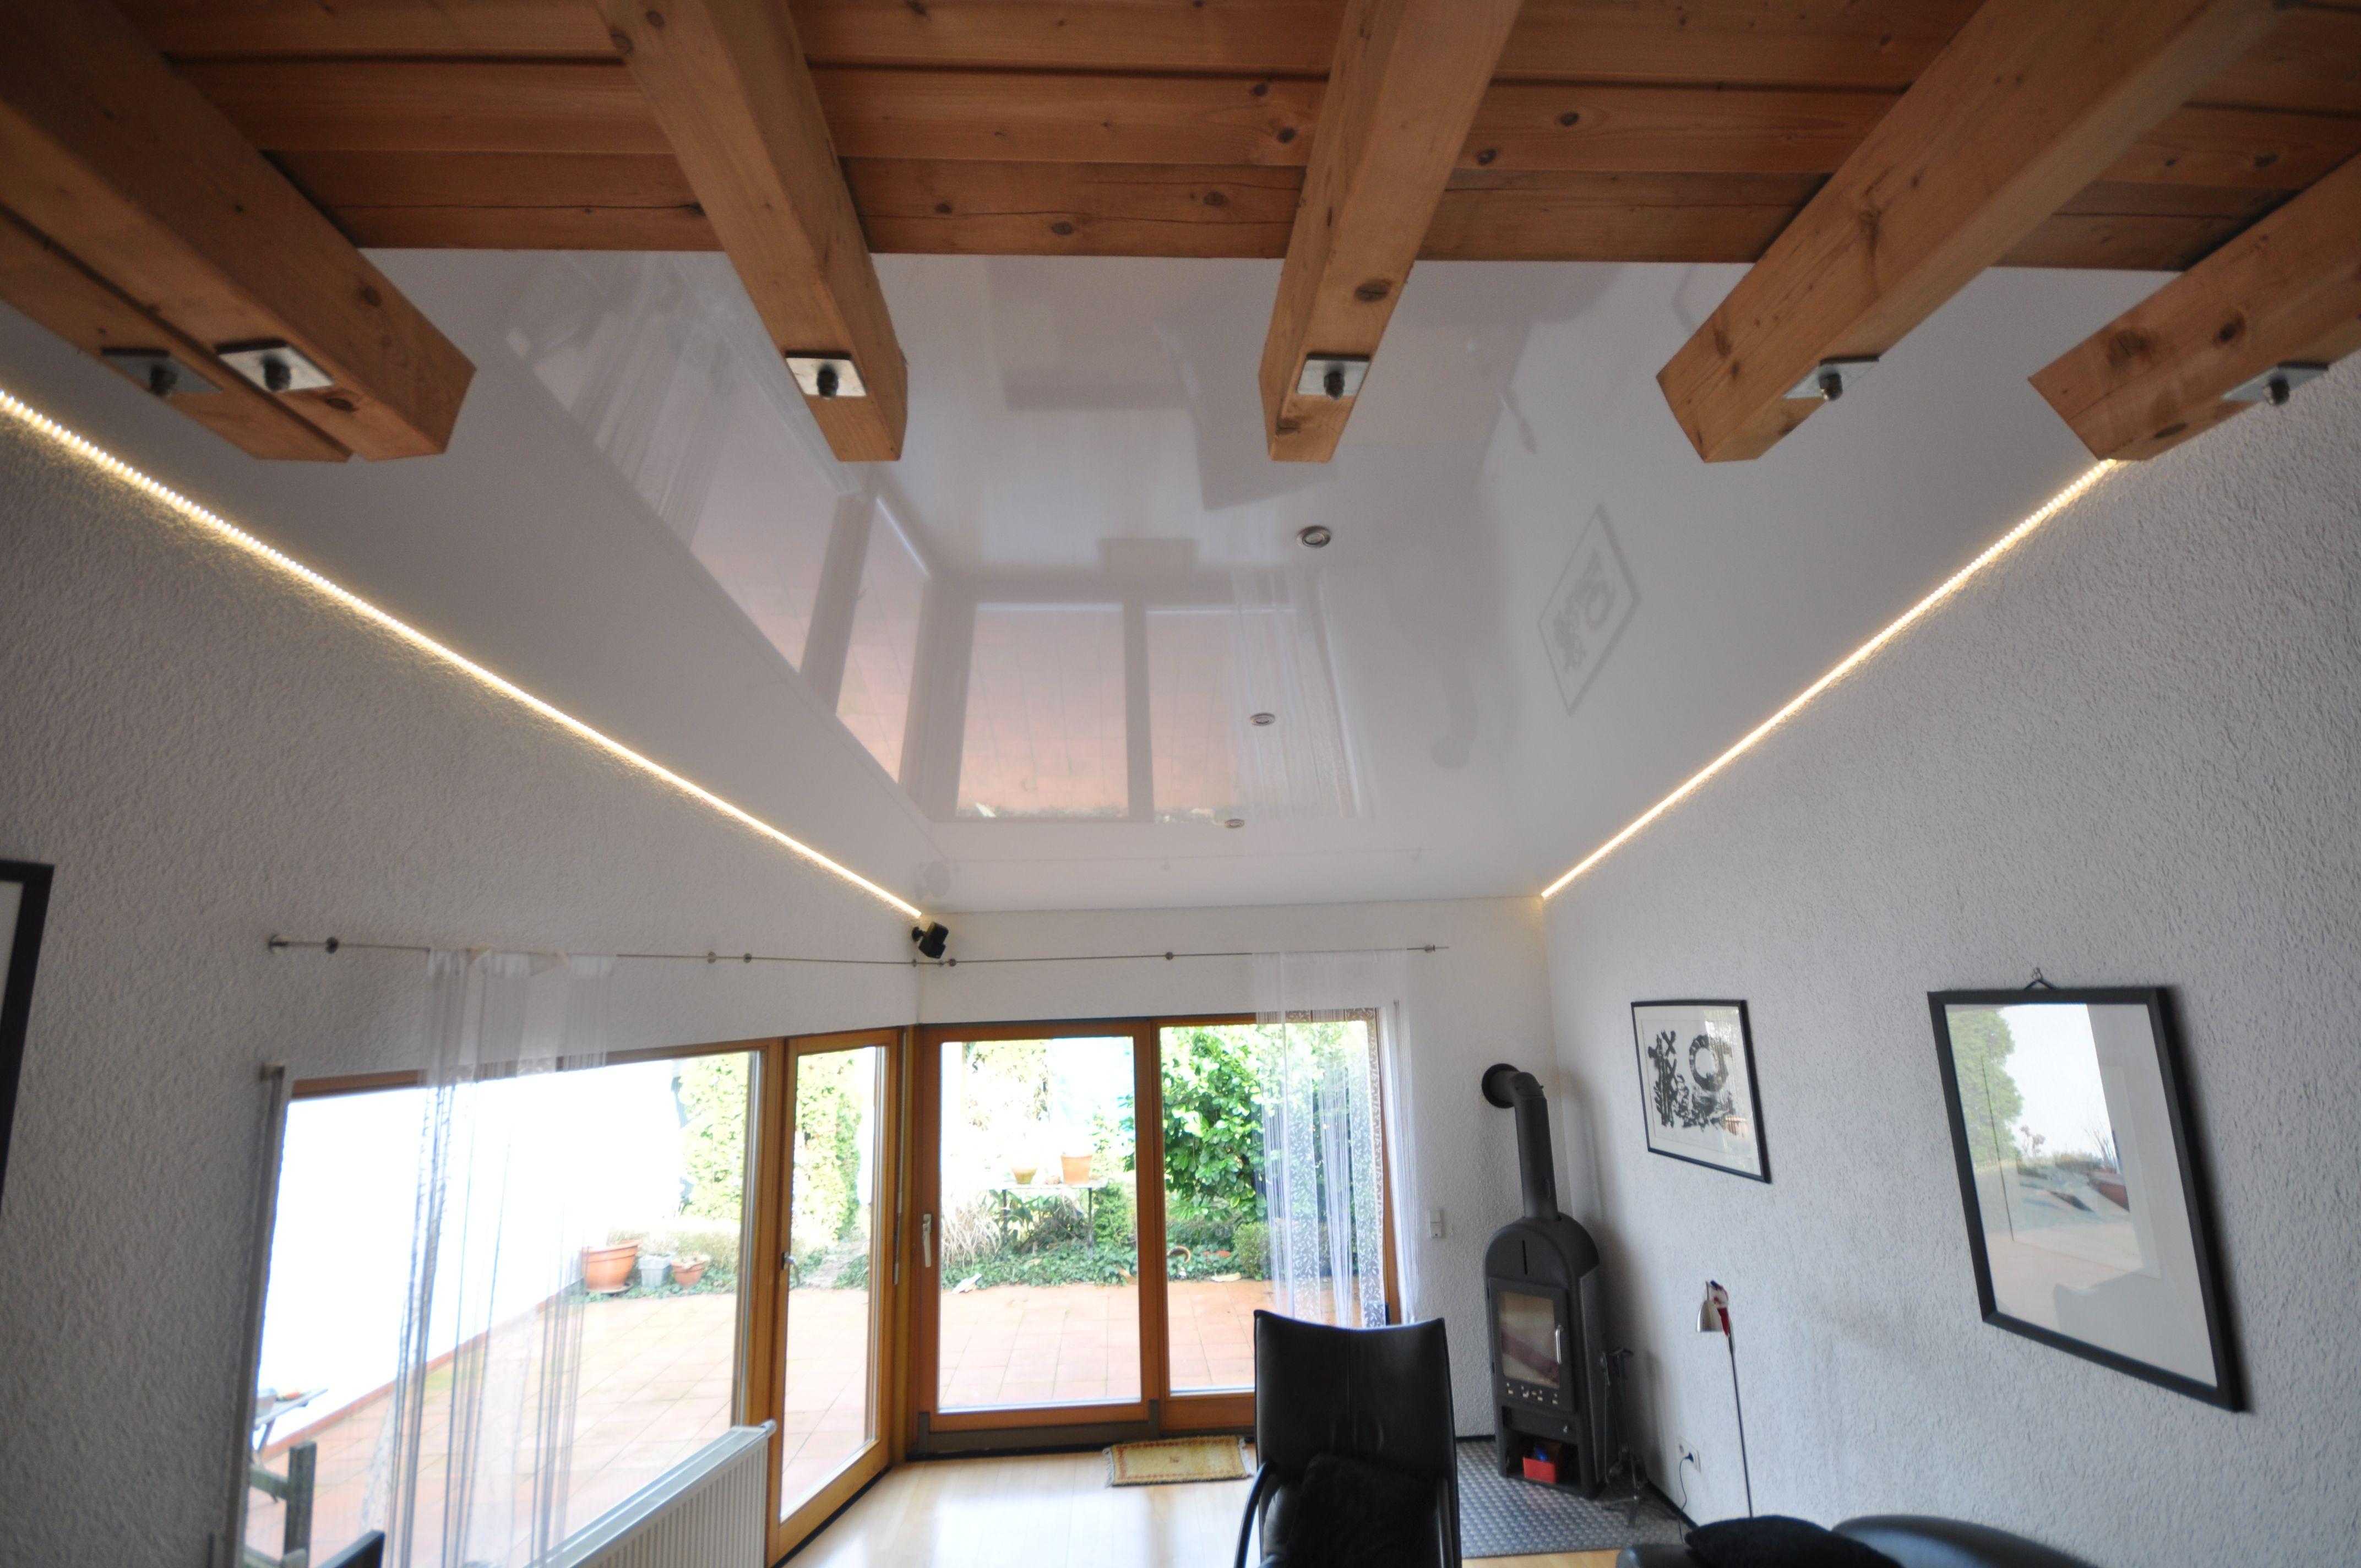 Spanndecke Weiß Hochglanz Mit LED In Der Schattenfuge #wohnzimmer#einrichtung#decke  #renovieren